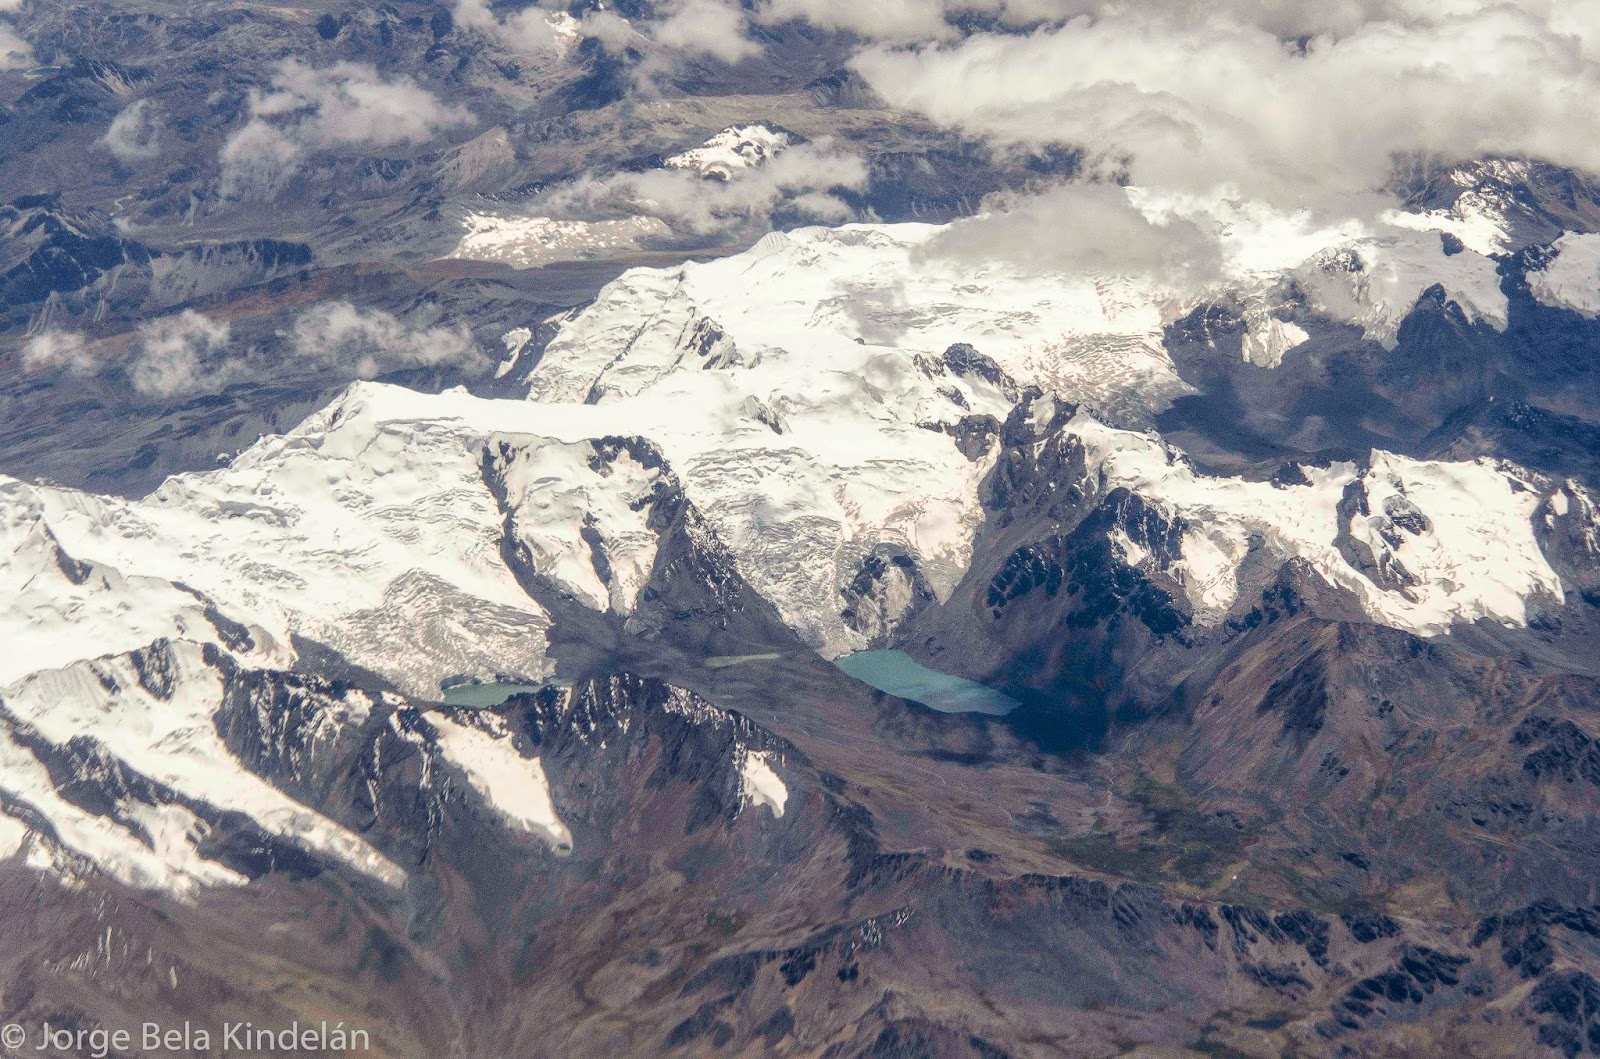 Cordillera de Cuzco, con sus inmensos glaciares, icnluyendo el Quelccaya. Foto: Jorge Bela